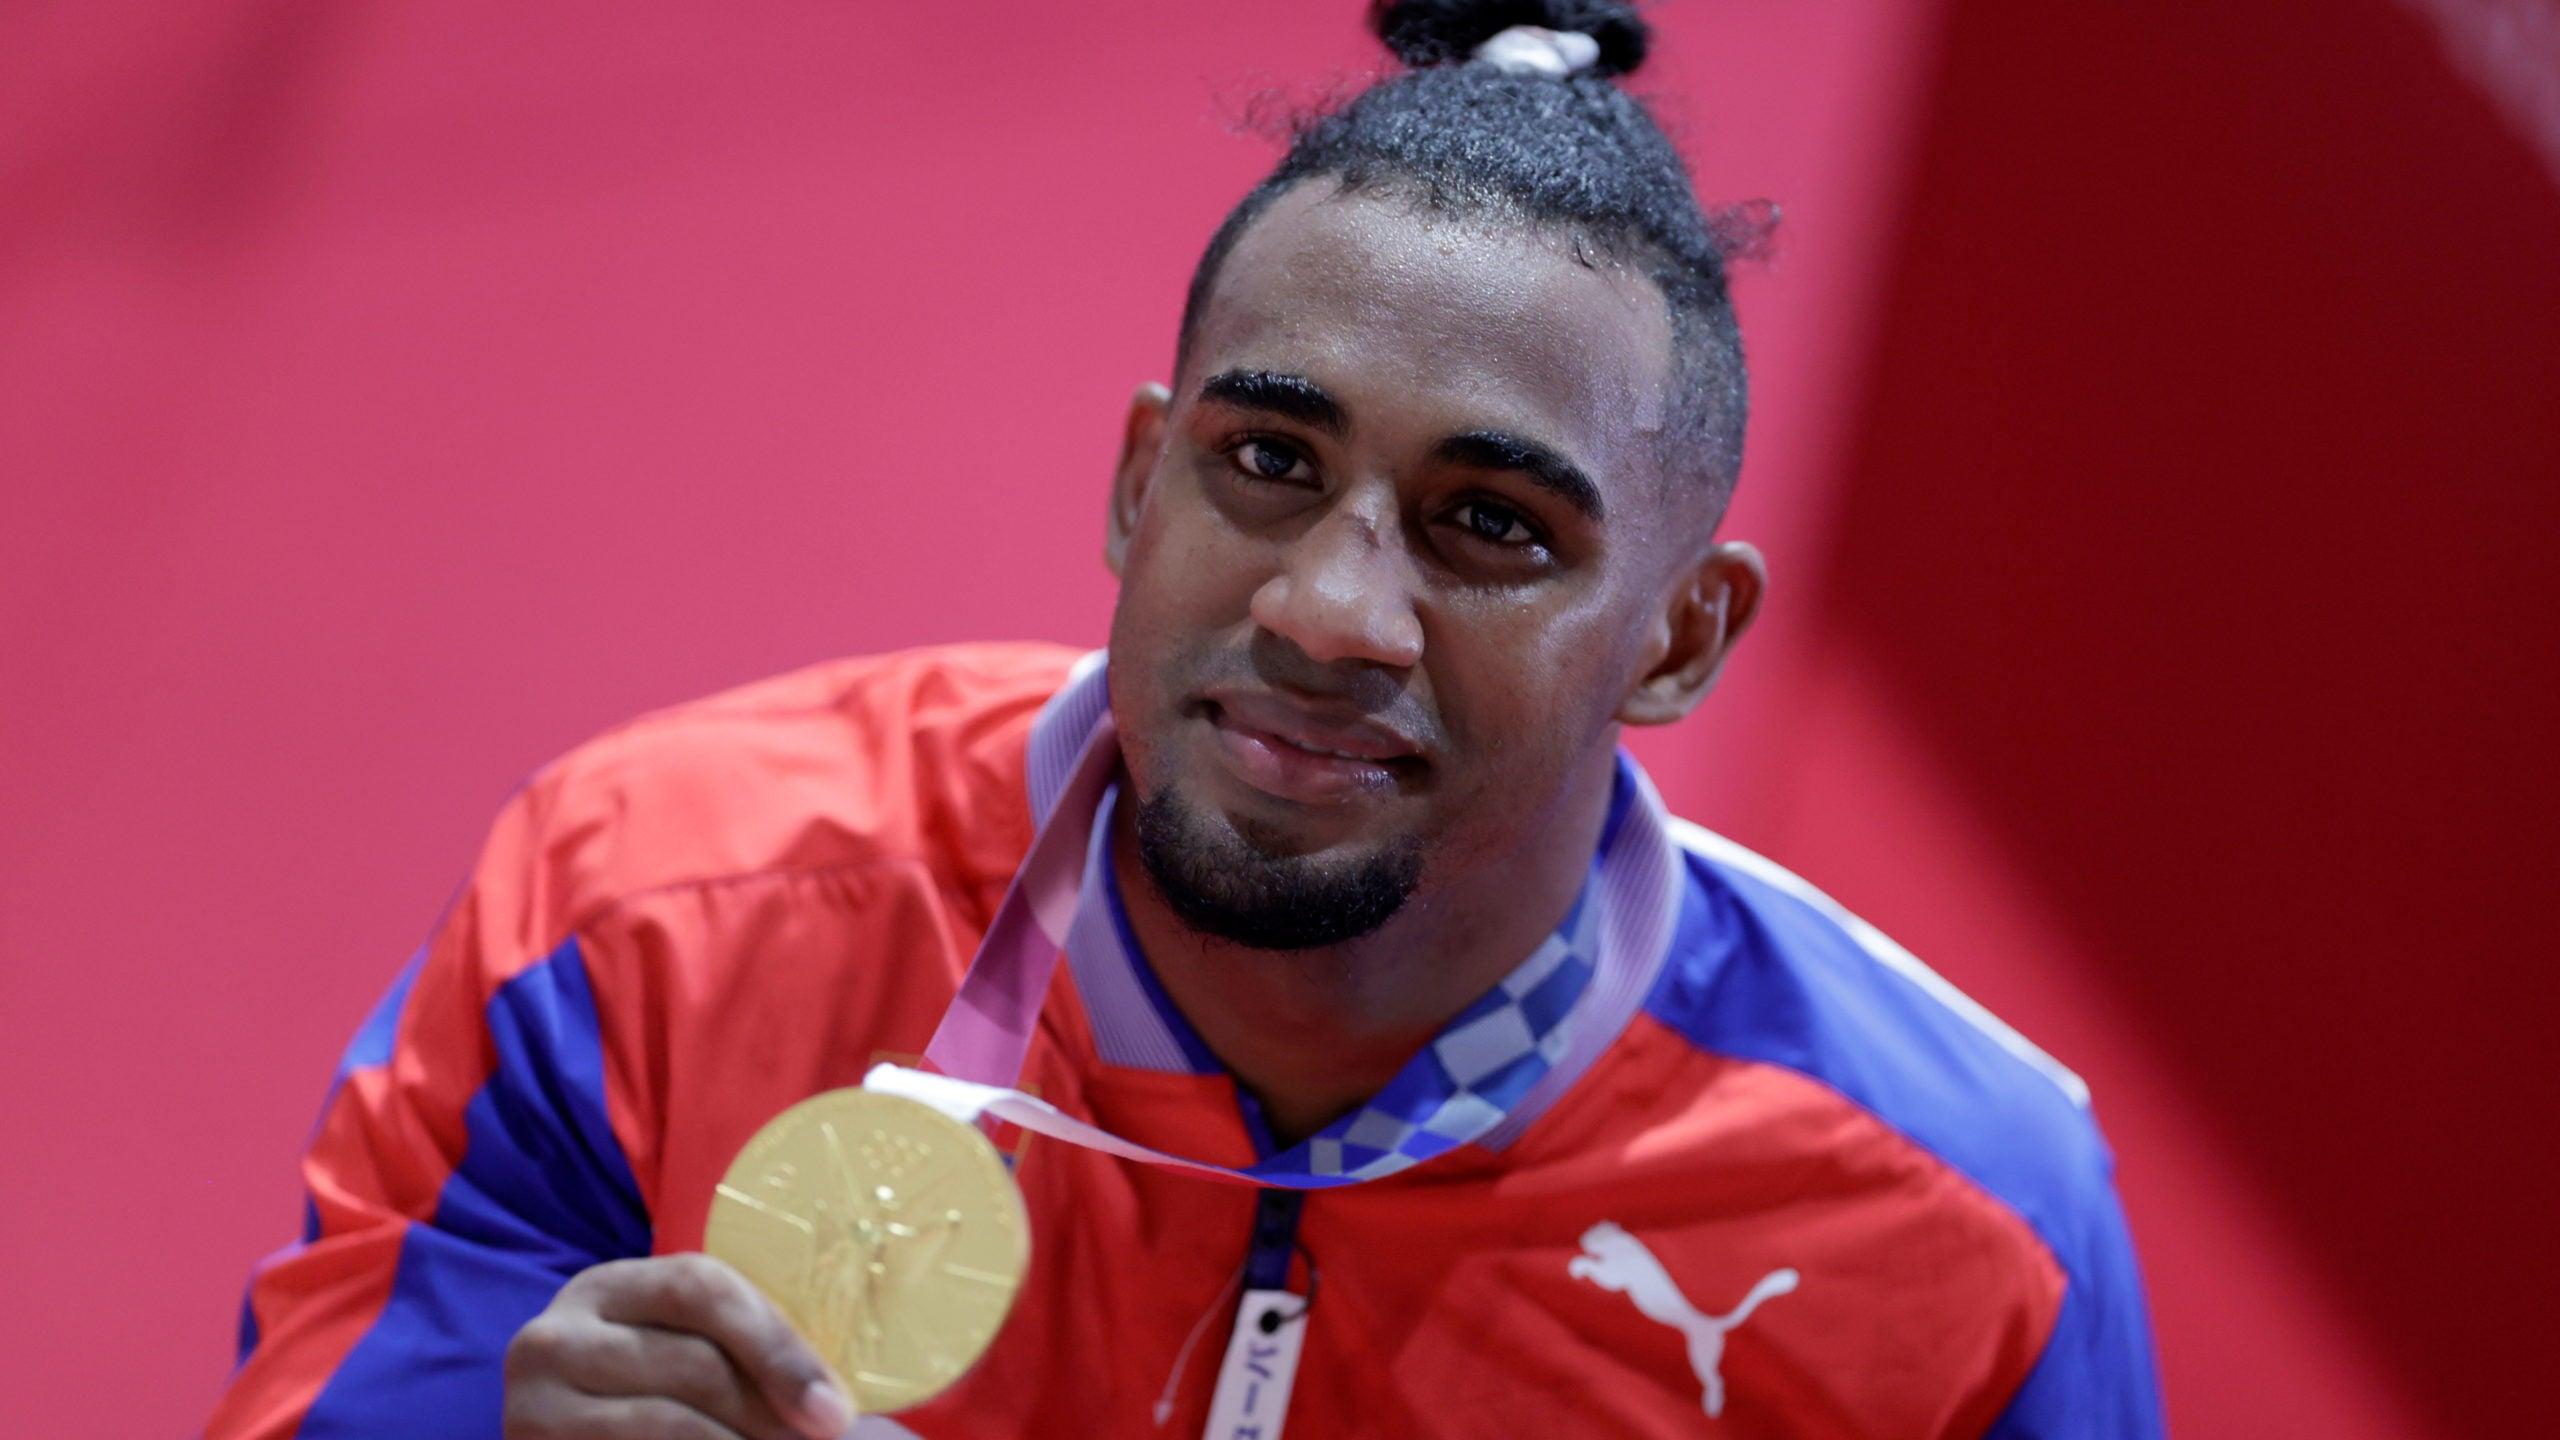 Gold medallist Arlen Lopez Cardona of Cuba poses for photos.